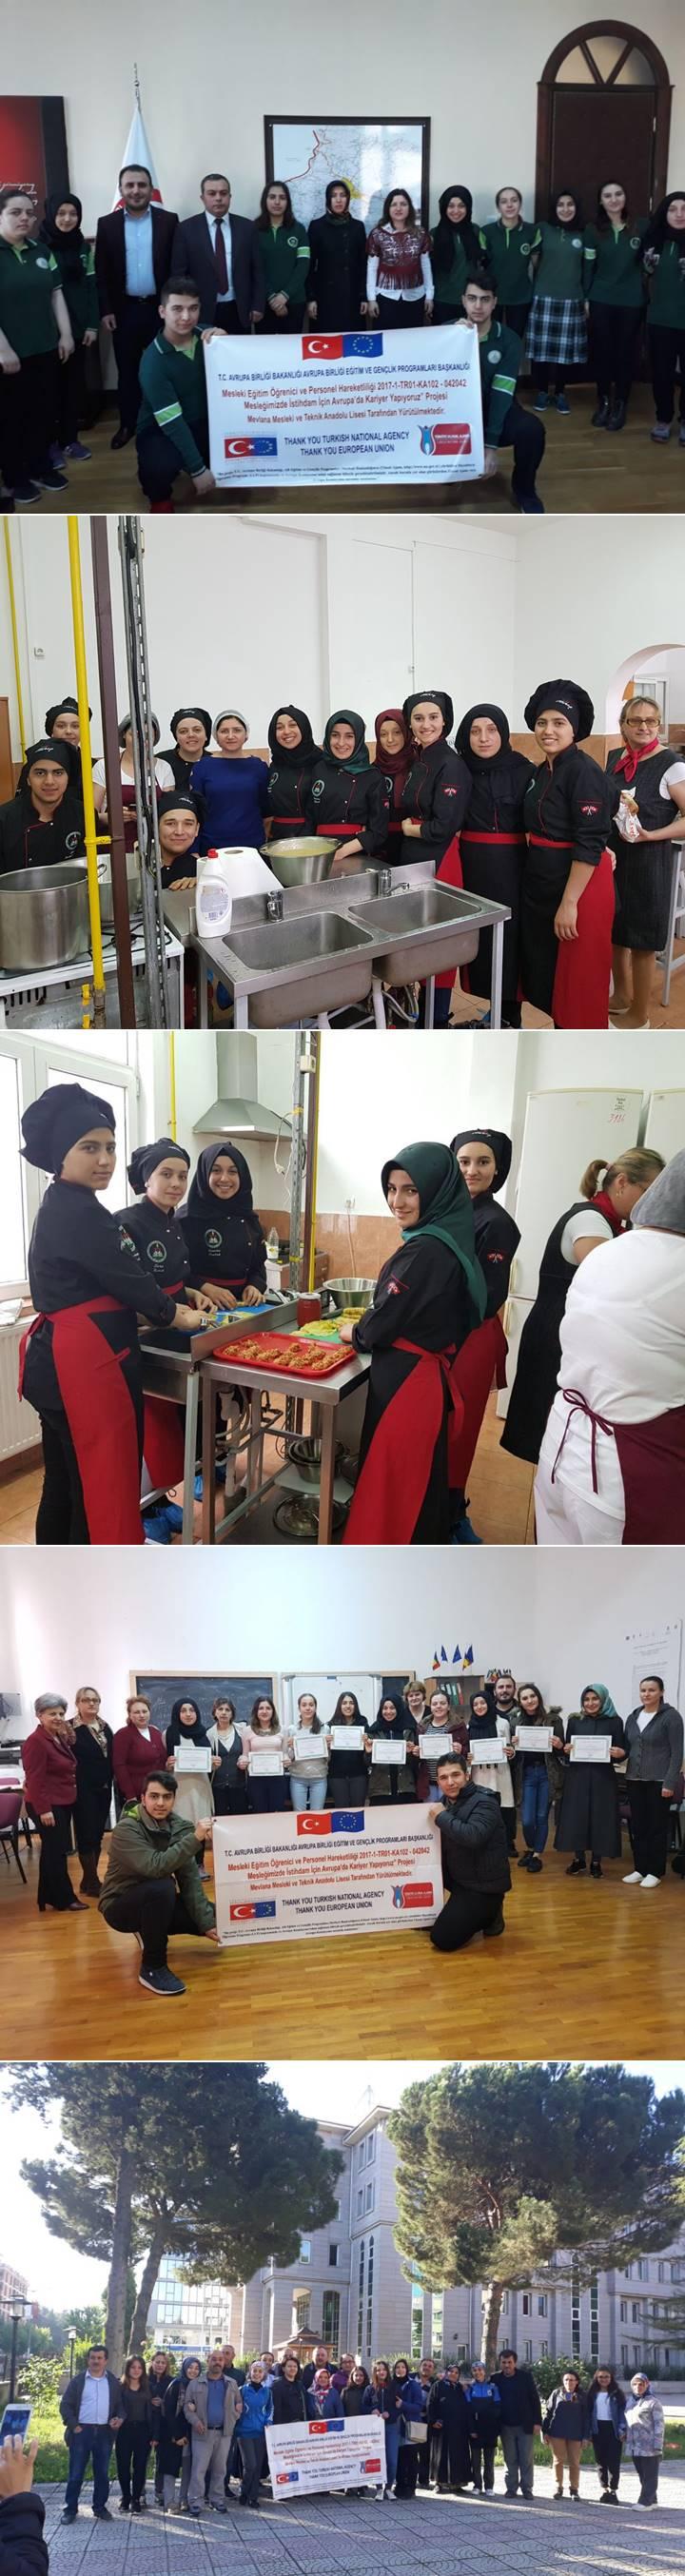 Boyabat Mevlana Mesleki ve Teknik Anadolu Lisesi